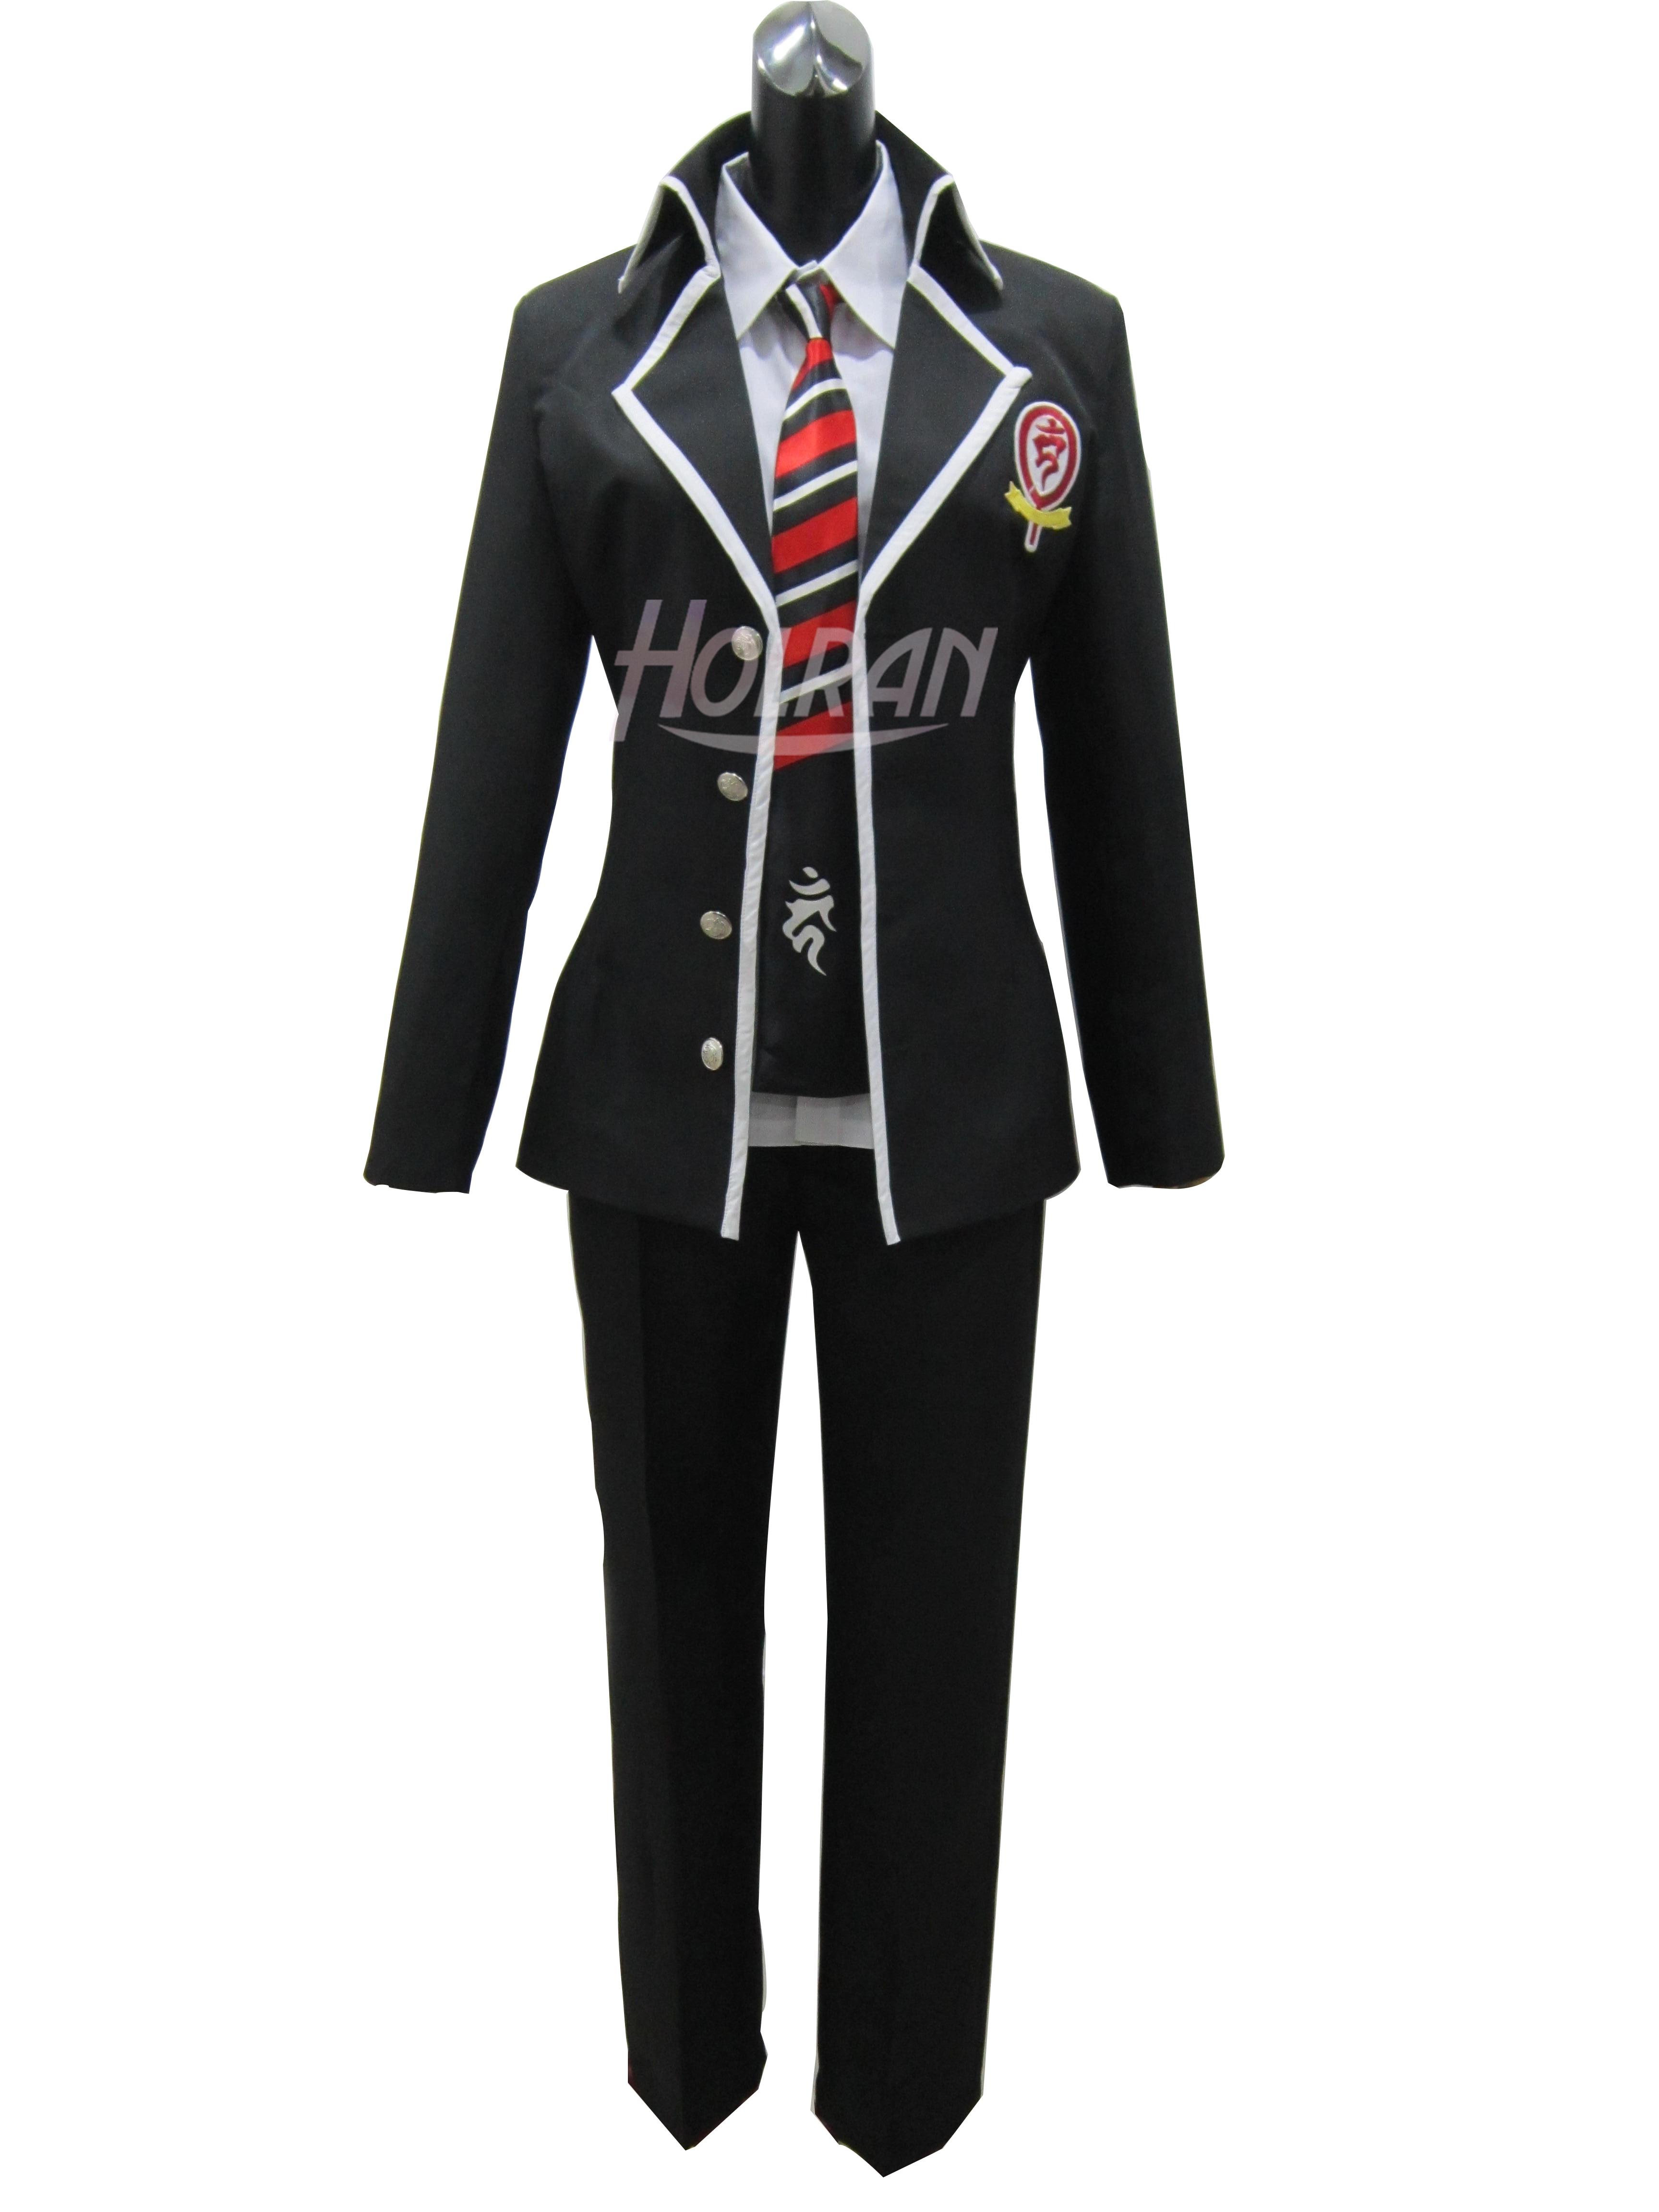 Ao no Blue Exorcist Rin Okumura True Cross Academy Okumura Rin японский костюм для косплея костюм аниме одежда